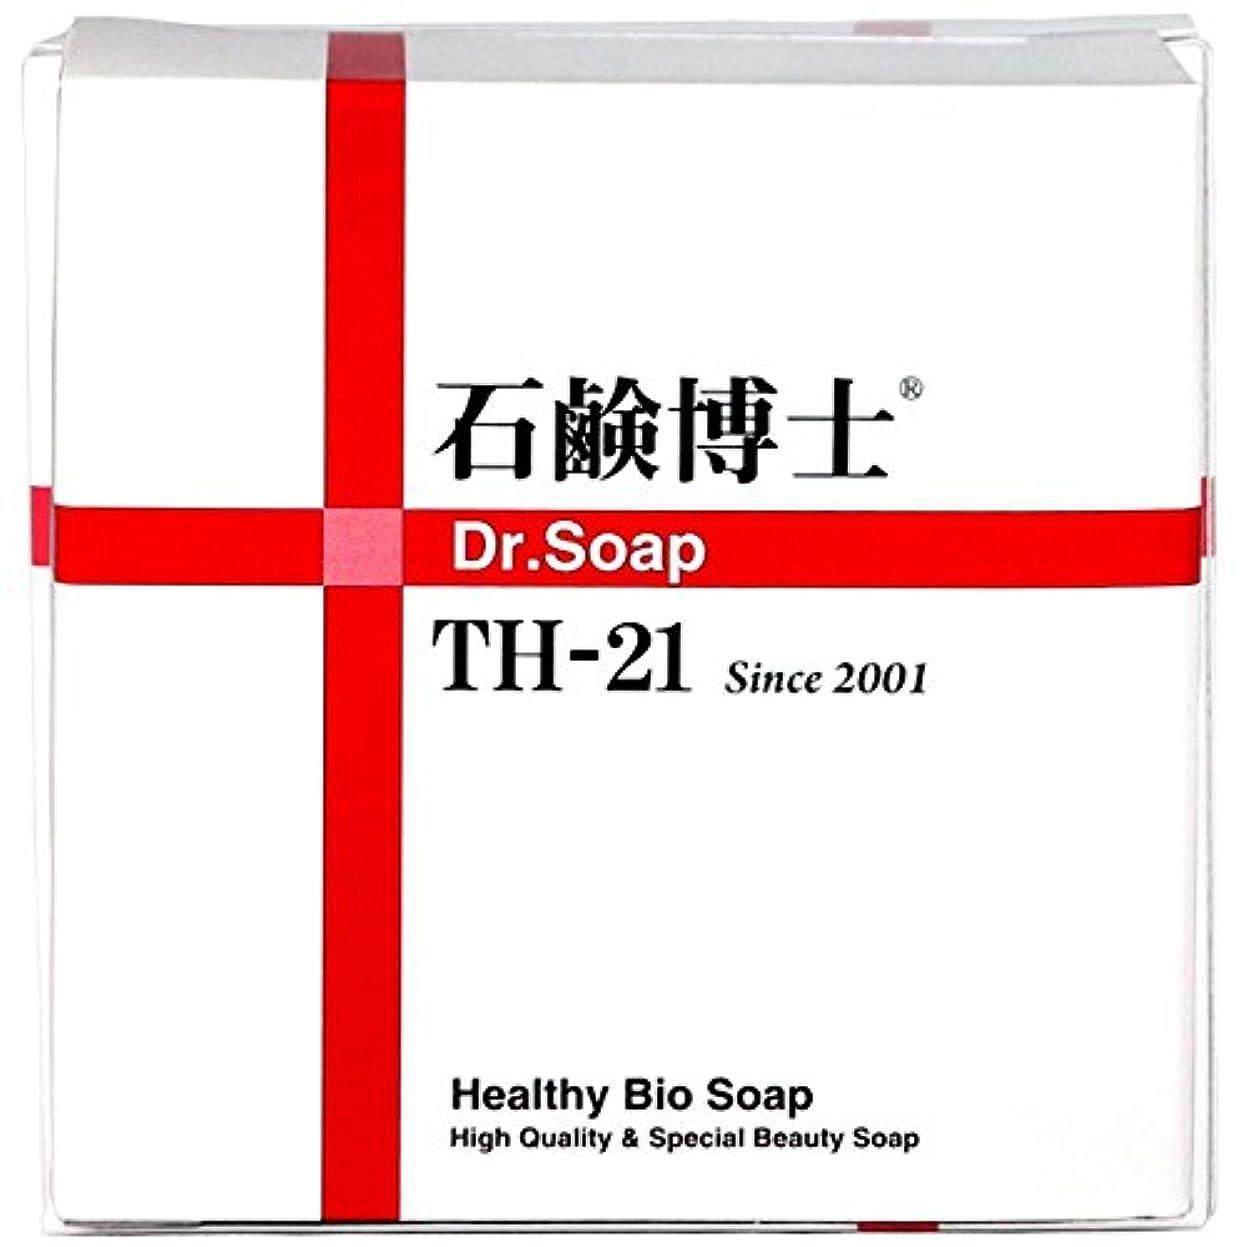 なんとなくオーラル入射ミネラルと分解酵素で洗顔しながらスキンケア 石鹸博士 DRソープ石鹸 Dr.Soap TH-21 100g